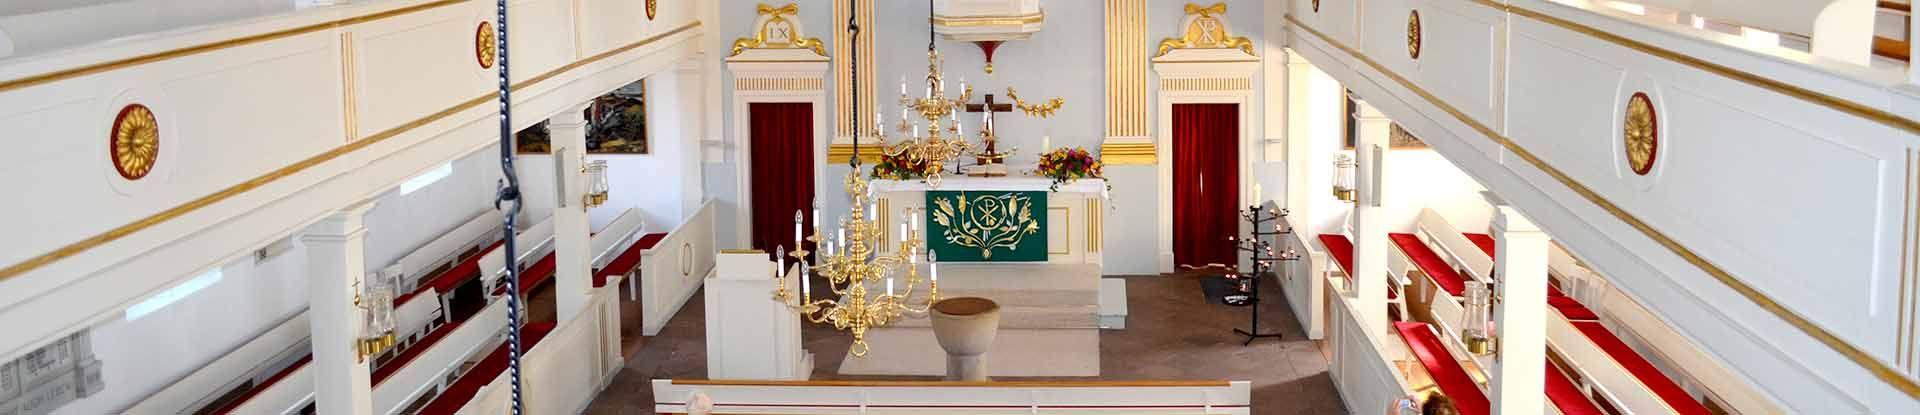 Innenaufnahme der Dreikönigskirche zu Bad Bevensen